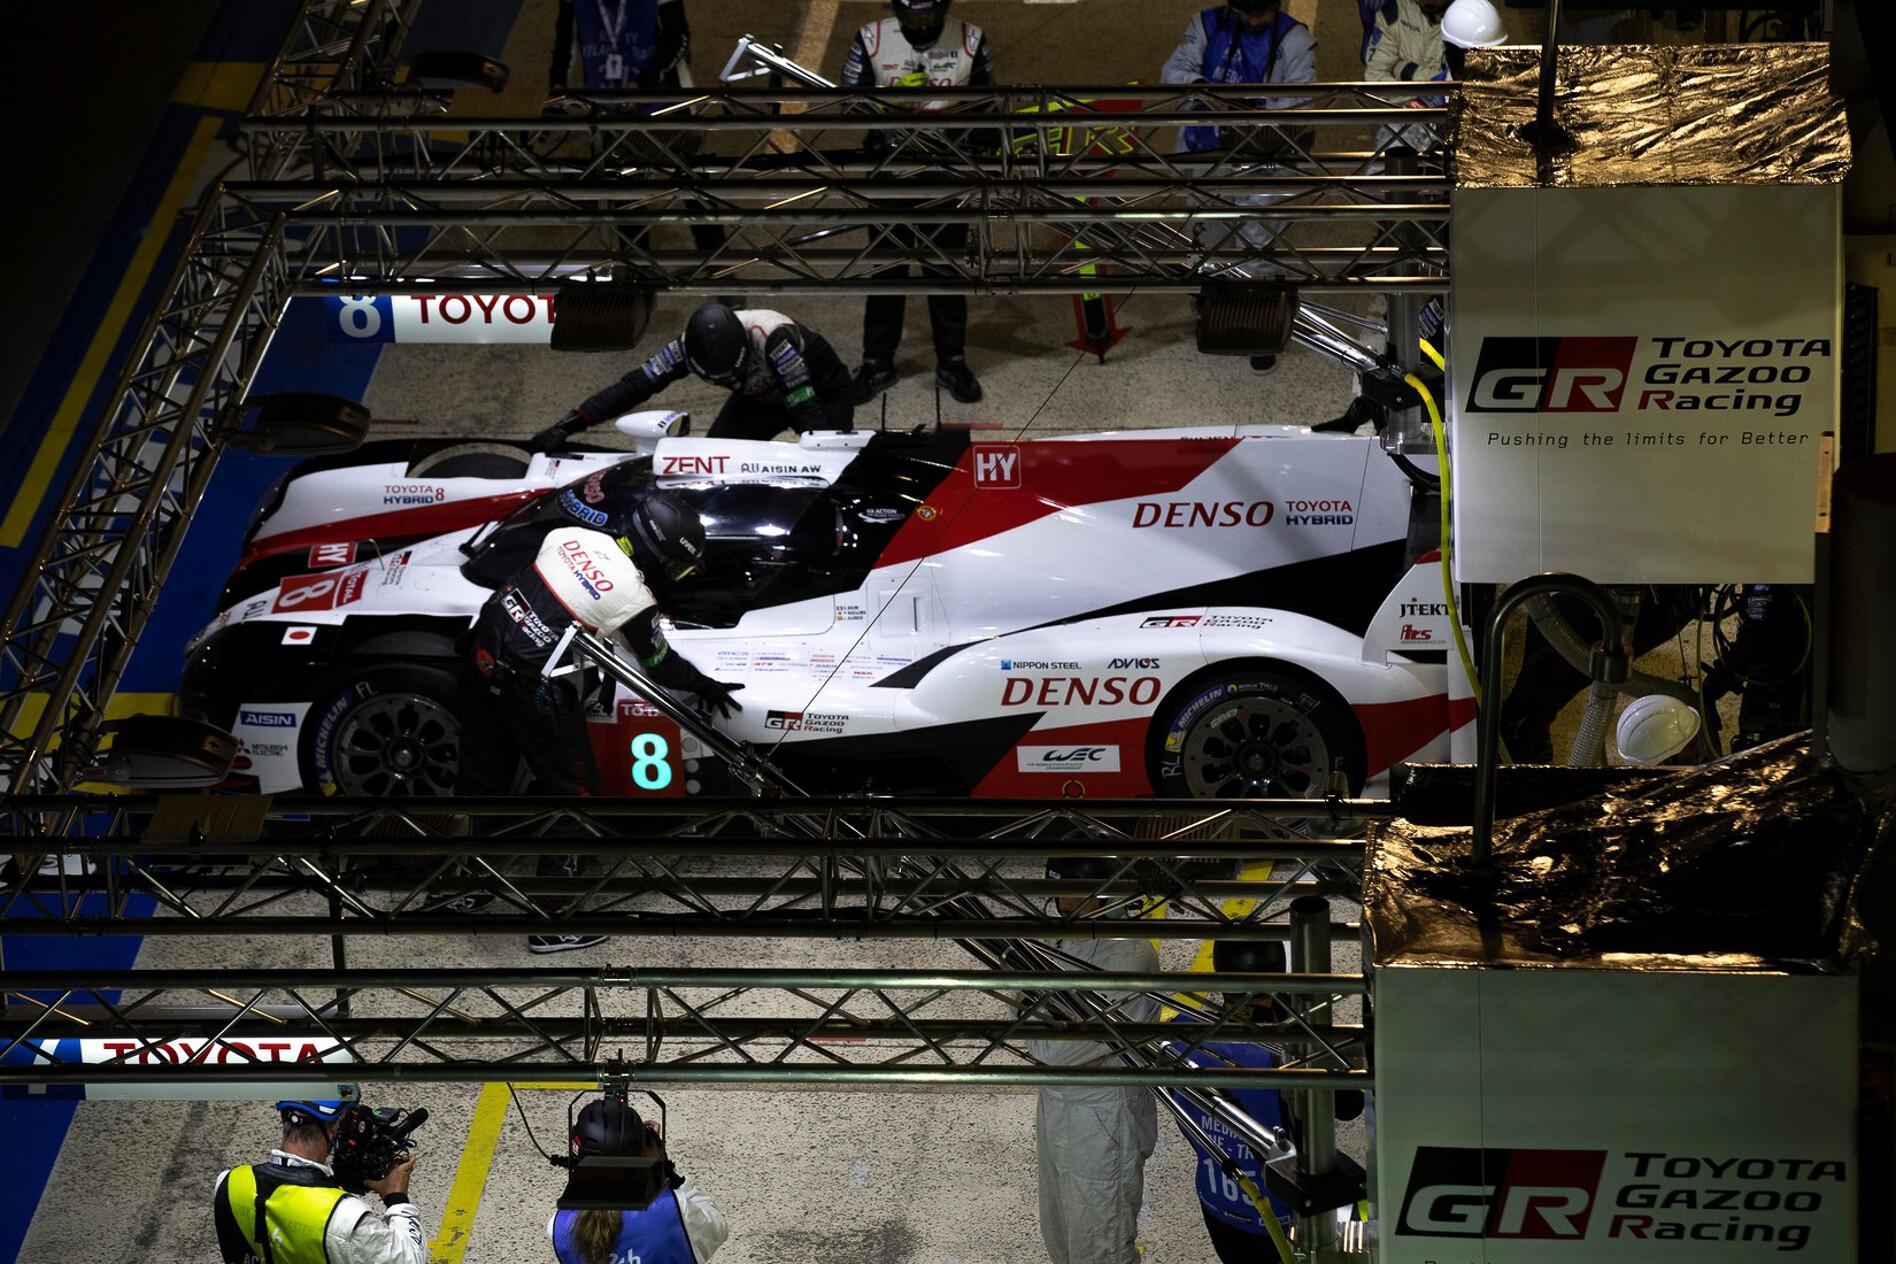 Le Mans 2019 Toyota